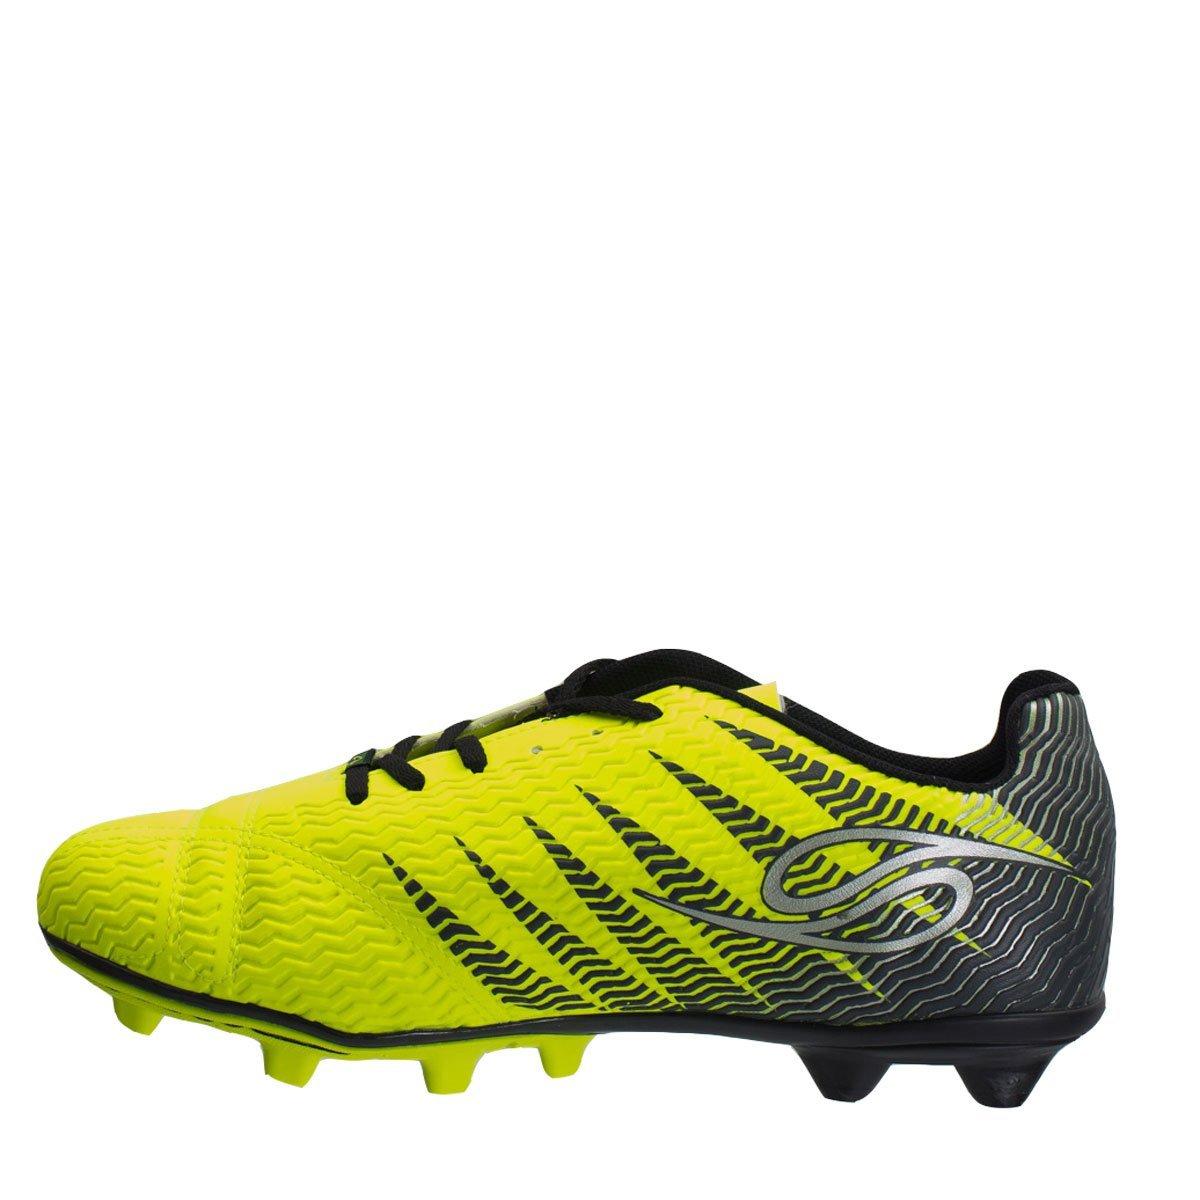 ... Infantil Campo Nike Magista Ola II FG JR  2fedf92e579 Chuteira Futebol  De Campo Dalponte Wembley 822499520 - Compre Agora . 834bbdeccd8